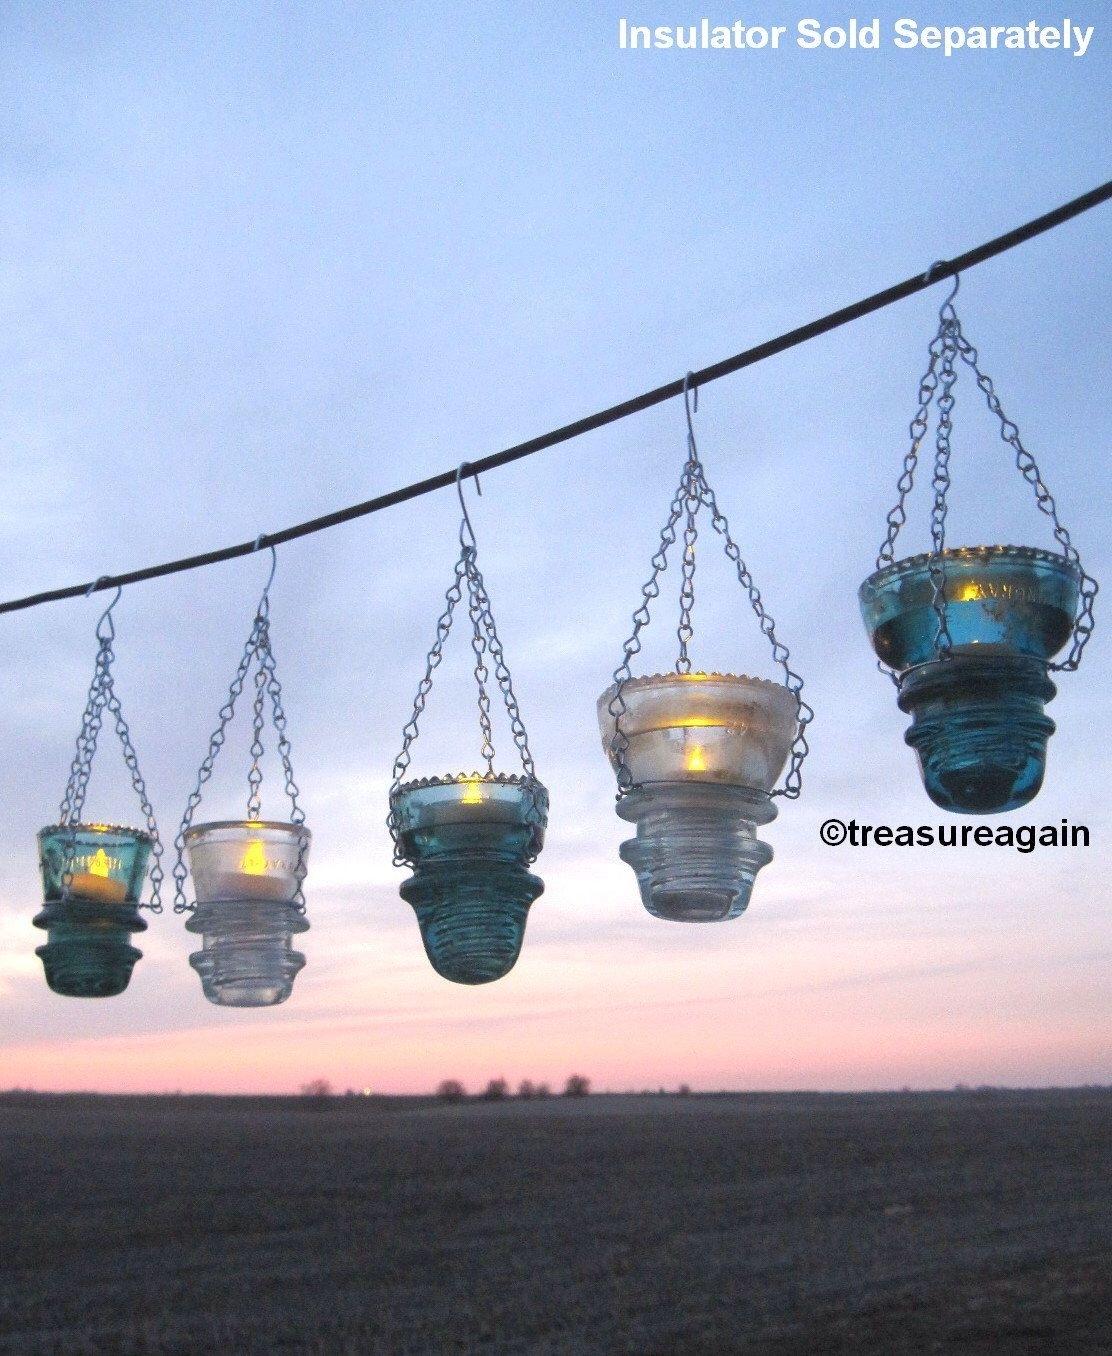 Diy Insulator Hanger Lantern Tea Light Holder, Outdoor Hanging Intended For Outdoor Hanging Tea Lights (View 10 of 12)